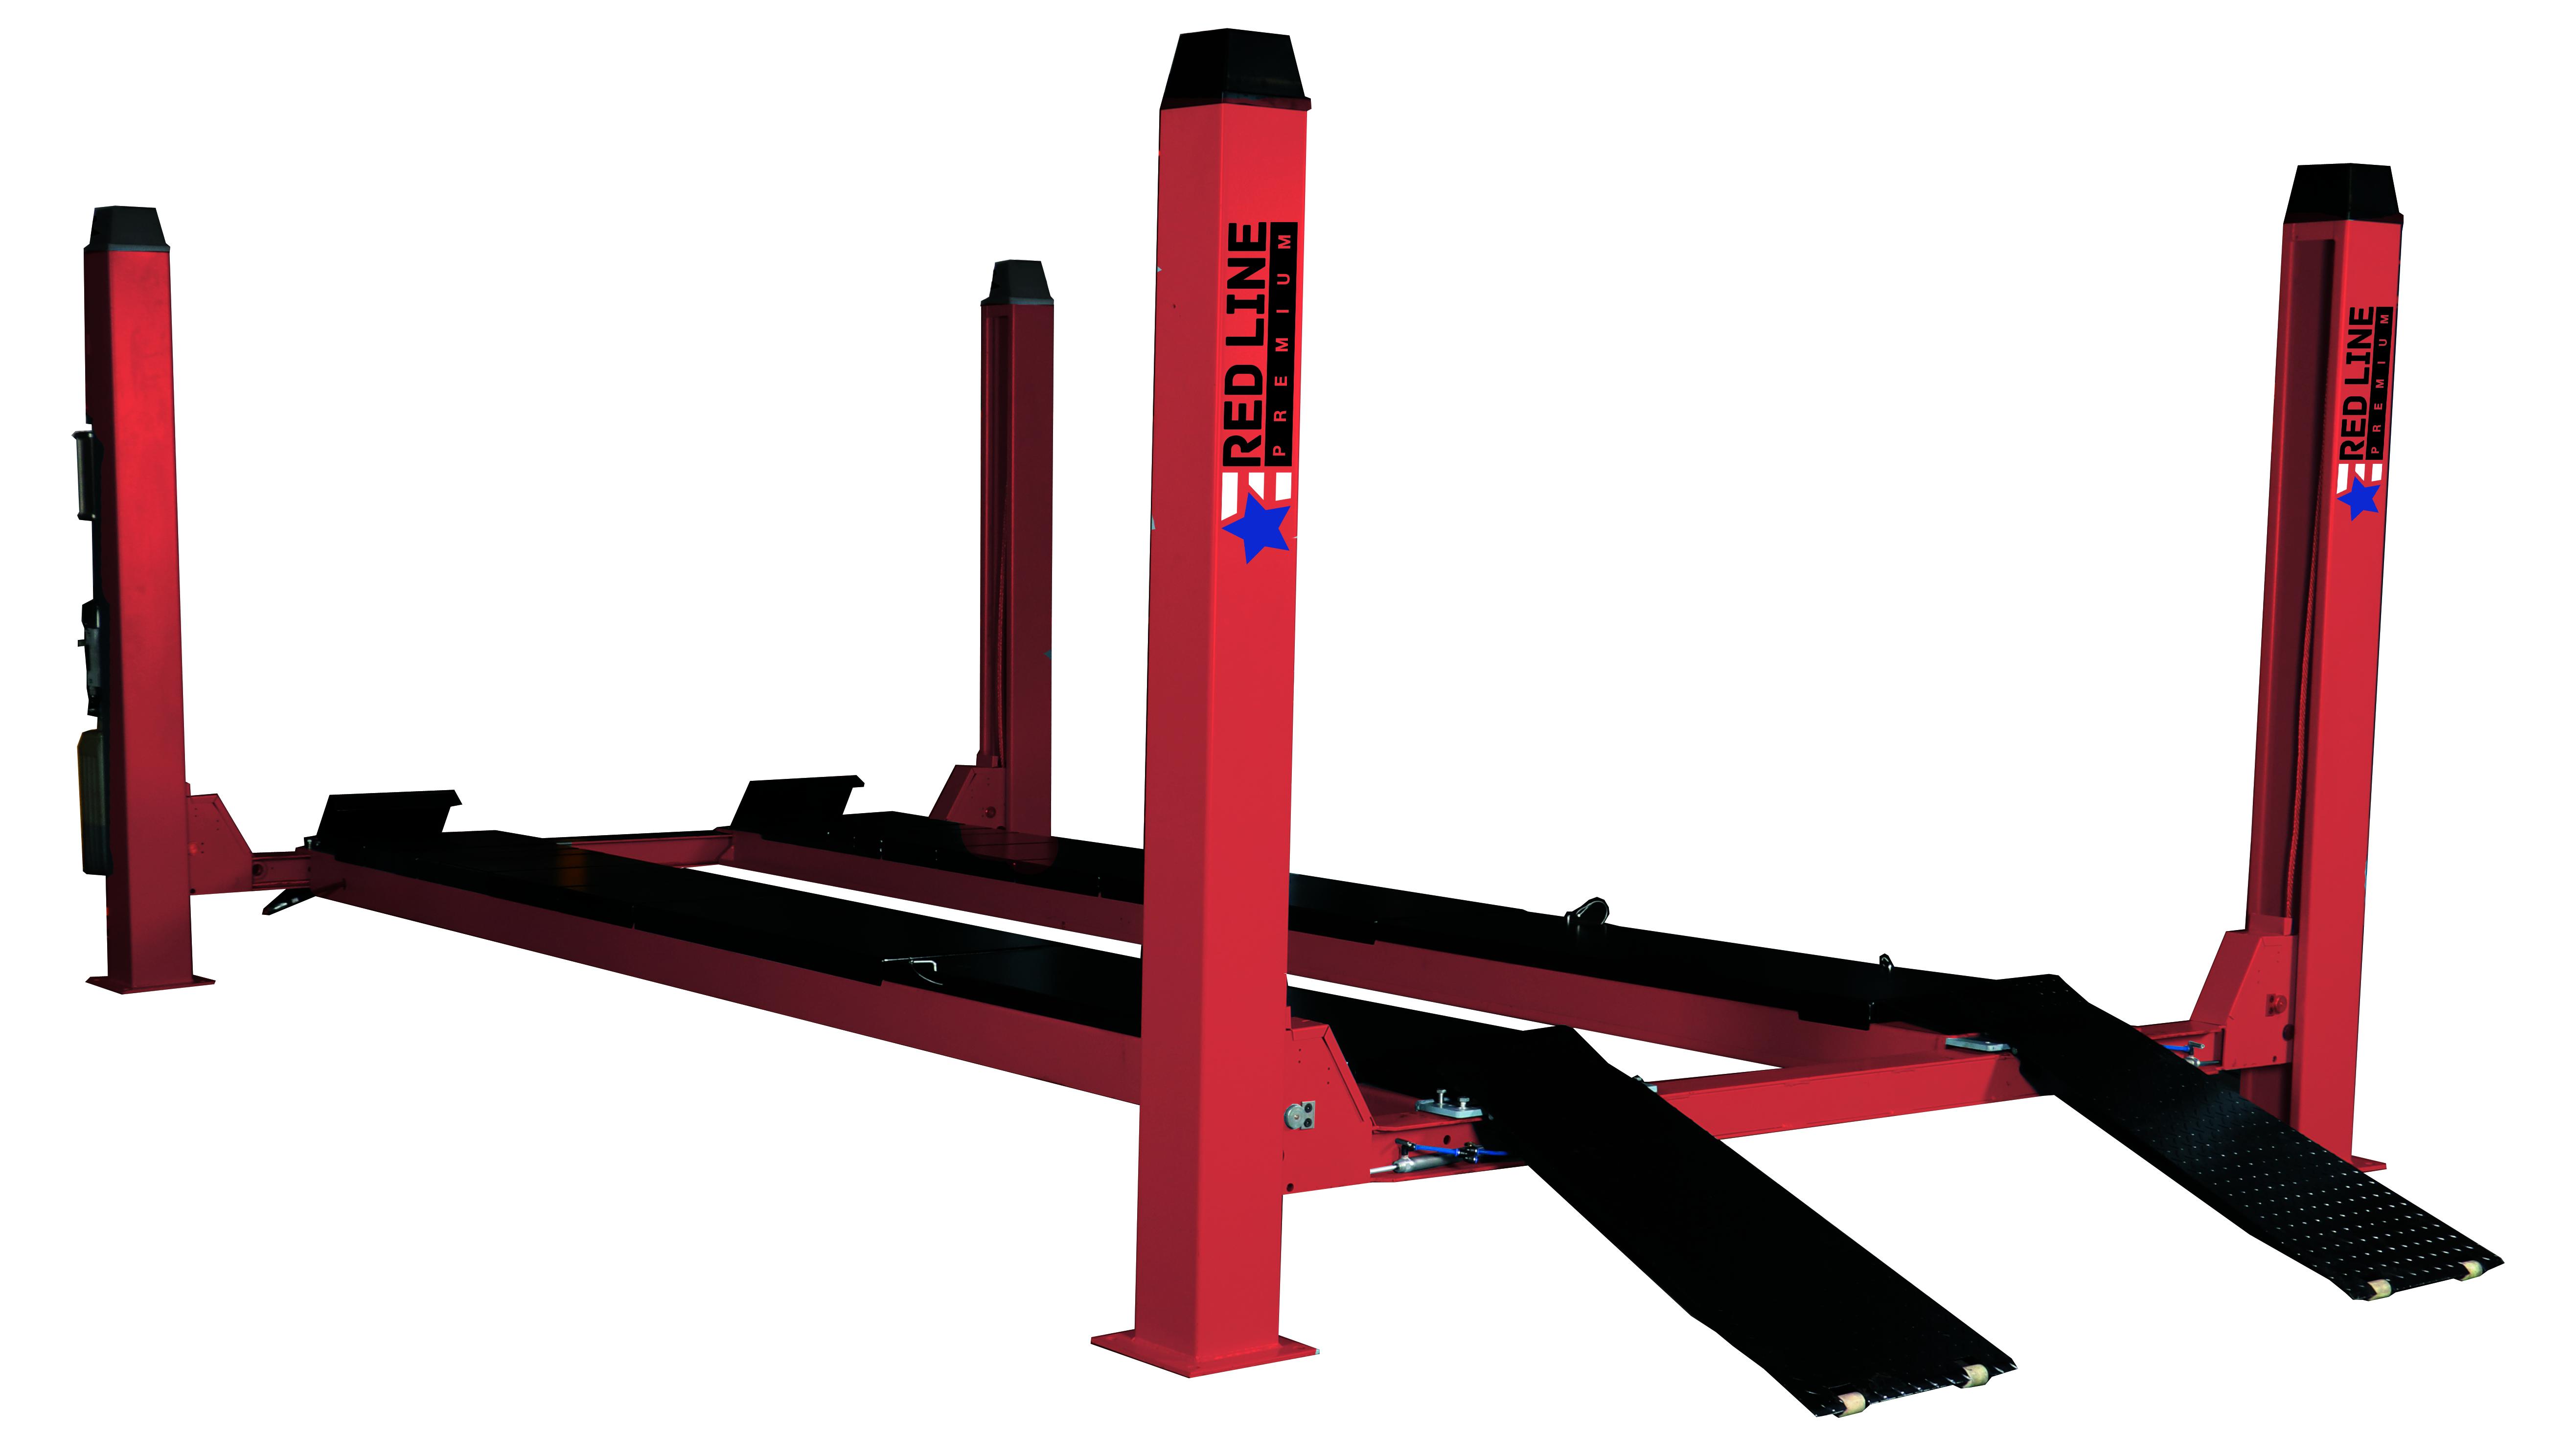 Подъемник четырехстоечный г/п 4500 кг. платформы для сход-развала